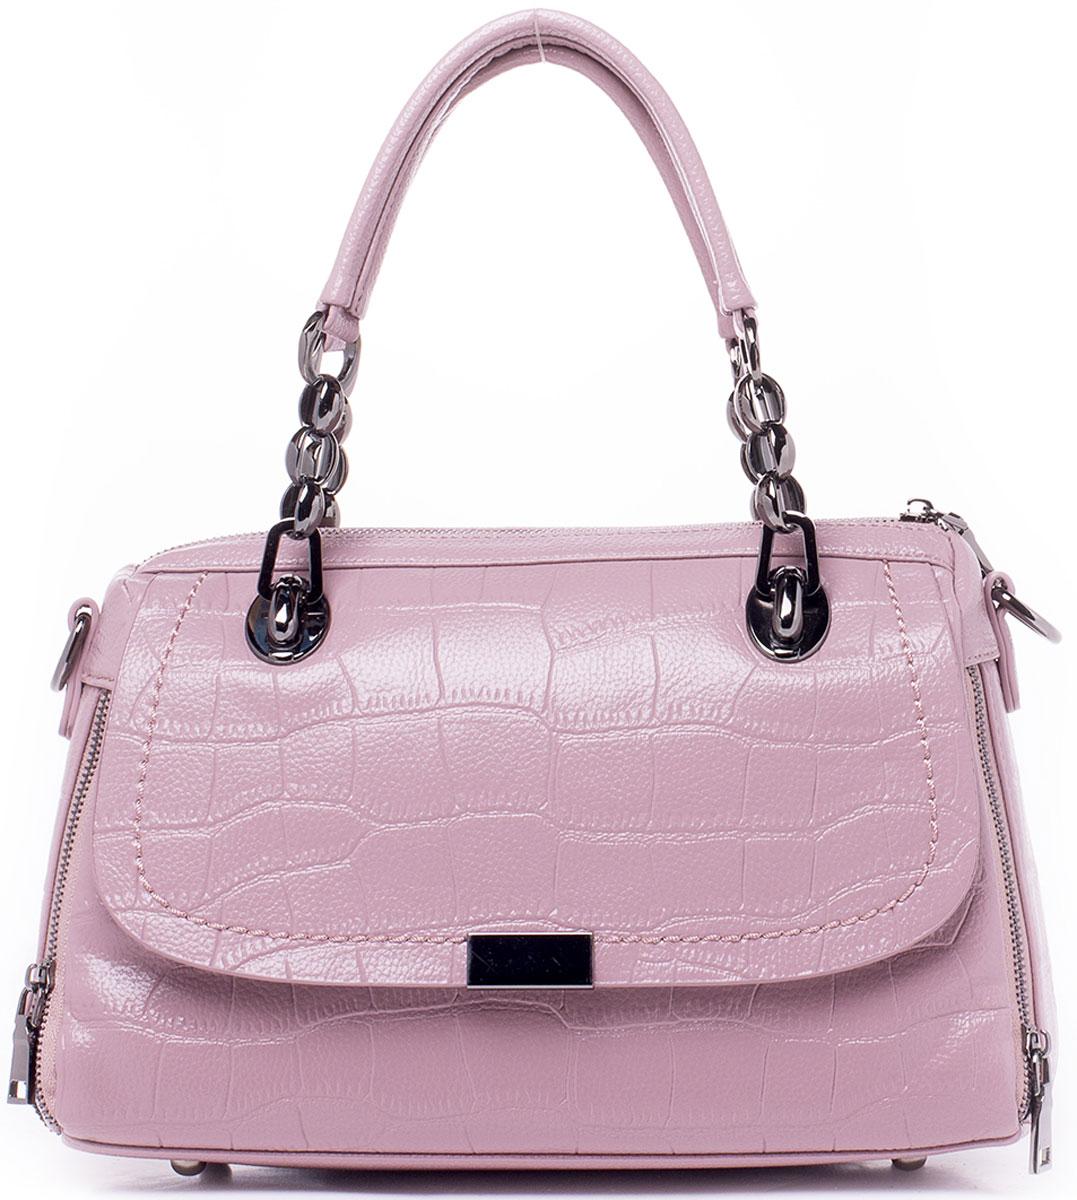 Сумка женская Baggini, цвет: розовый. 29844-1/633-47670-00504Модельная сумка Baggini с регулируемой глубиной исполнена из высококачественной экокожи и имеет одно вместительное отделение застегивающееся на молнию. Внутри отделения находятся два накладных кармашка для мелочей и сотового телефона, один прорезной карман на молнии и один накладной большой карман, образованный карманом-разделителем на молнии. Сумка имеет клапан-обманку на фасаде, а сзади еще один прорезной карман на застежке-молнии. Глубина сумки регулируется застежками-молниями по бокам. Изделие обладает двумя удобными ручками для переноски и отстегивающимся наплечным регулируемым ремнем на карабинах. Ремень прилагается.